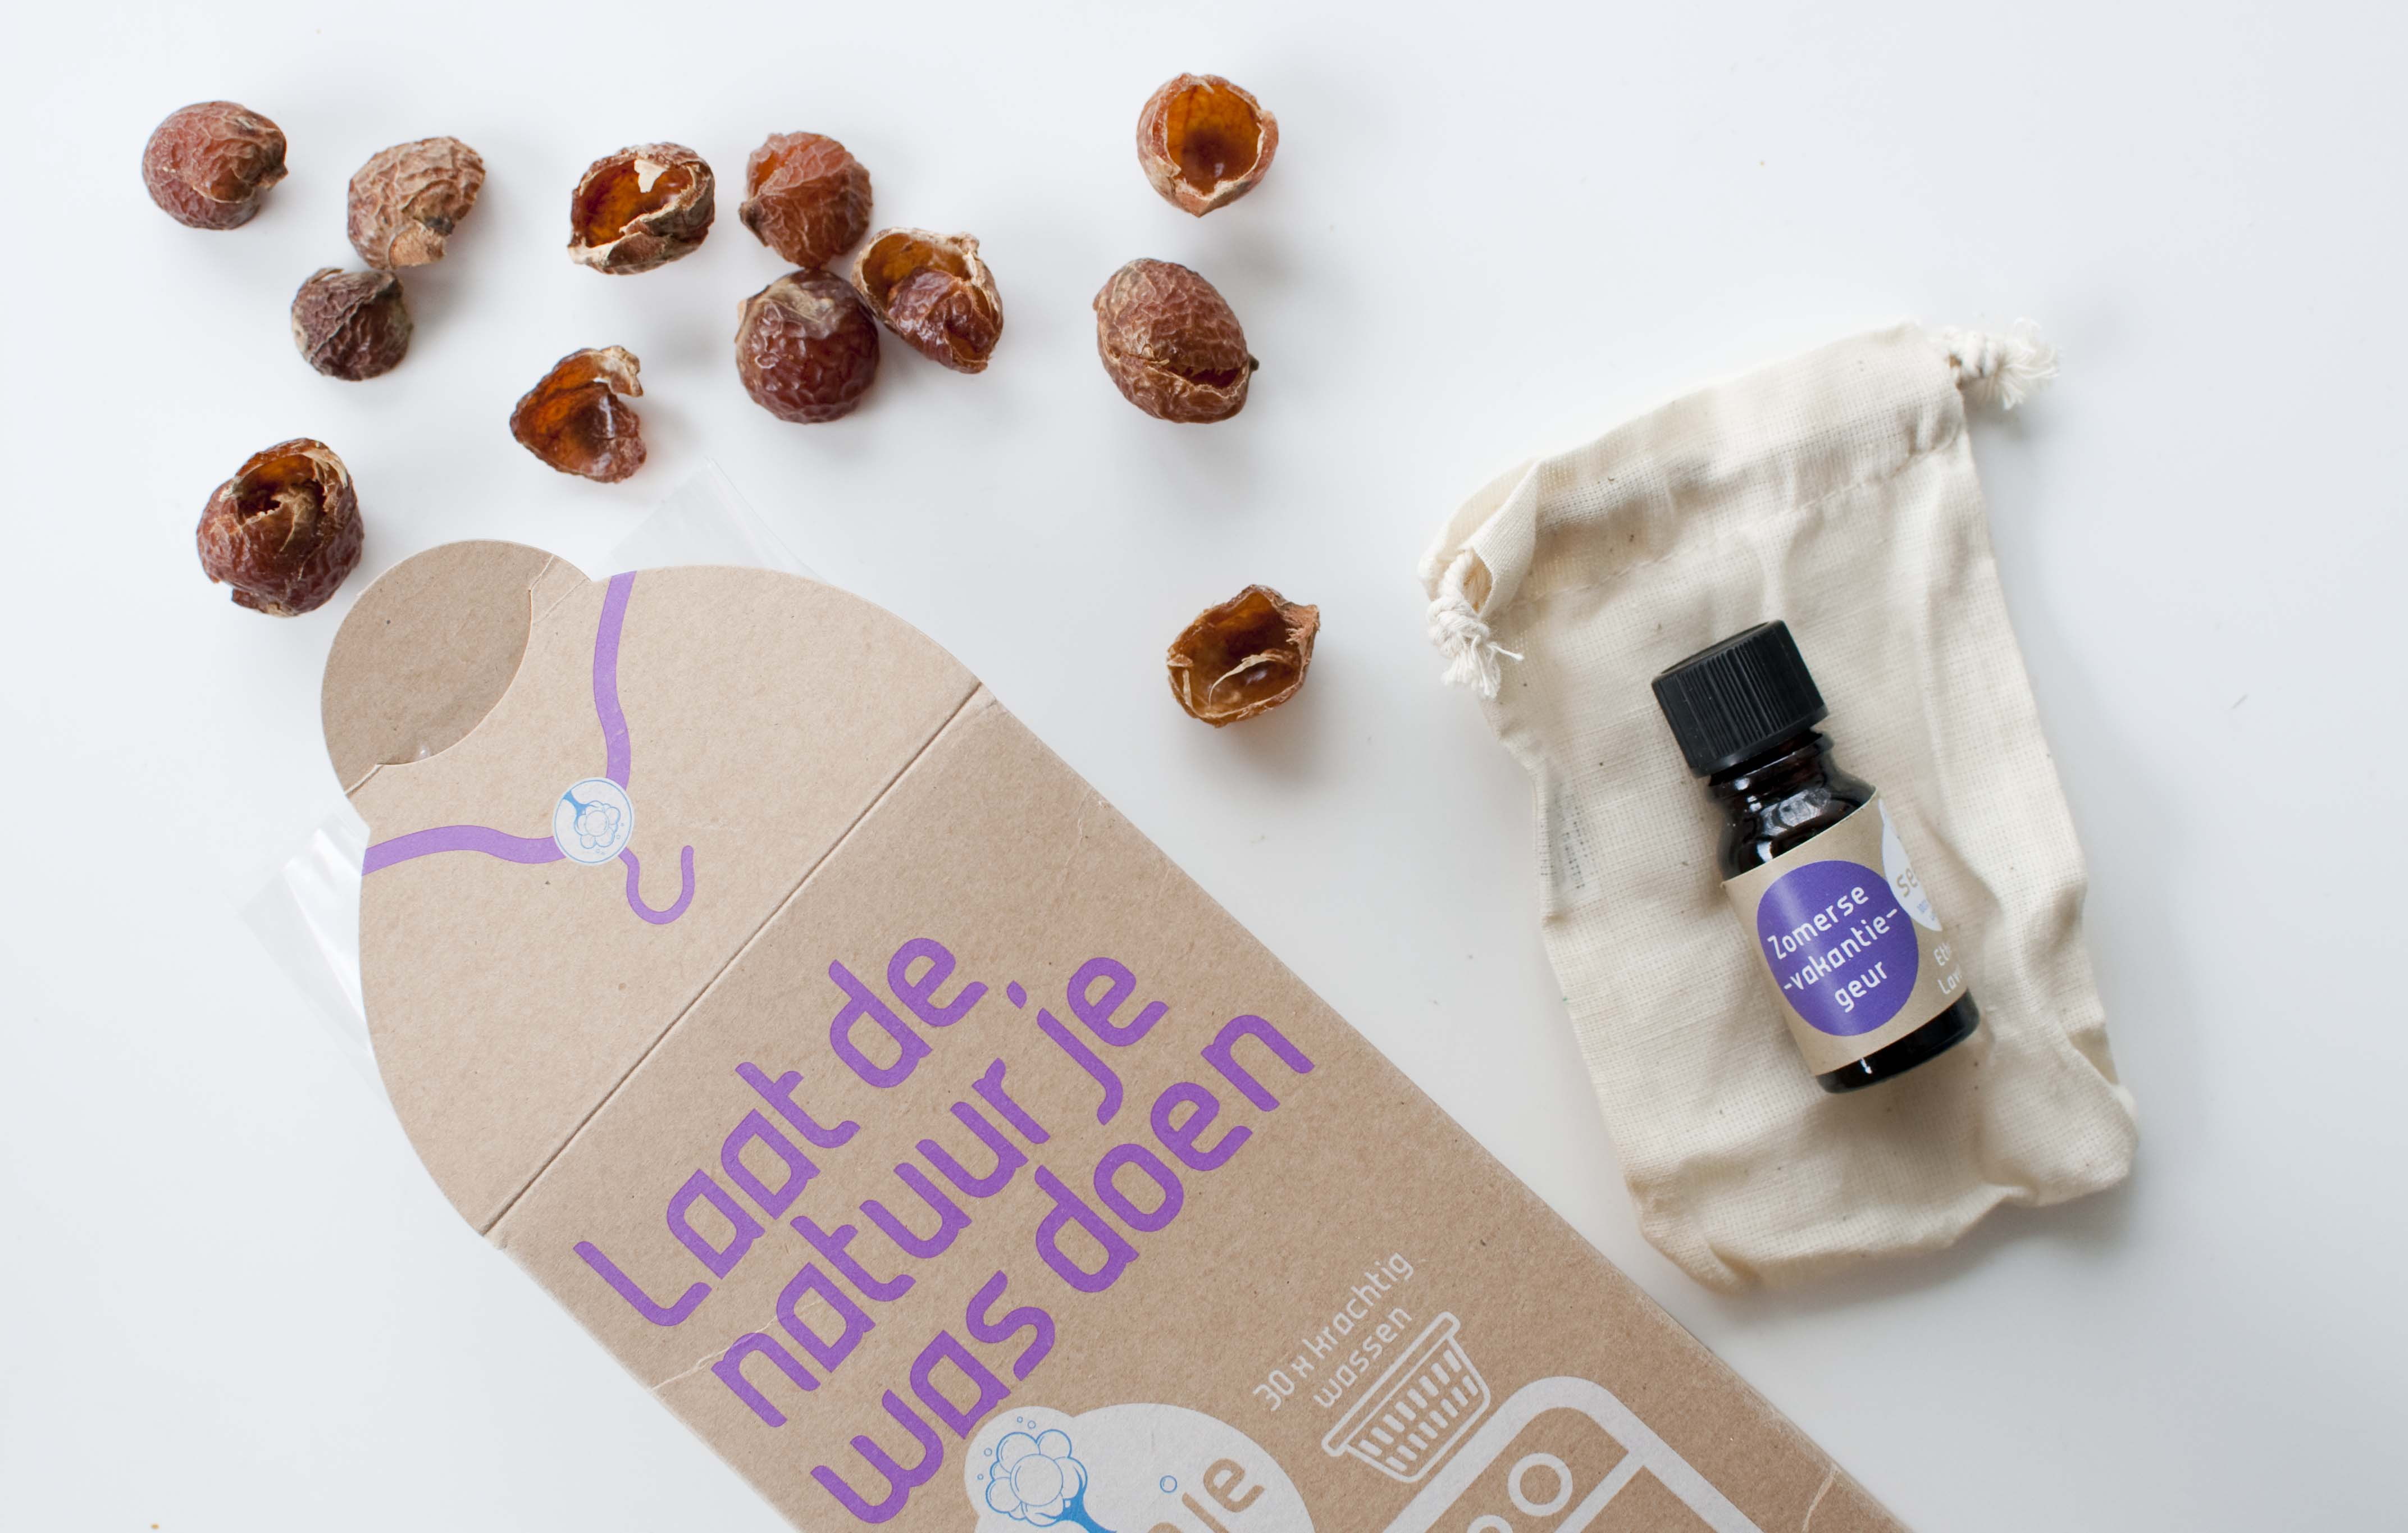 review seepje wasnoten zomer lavendel soap nuts